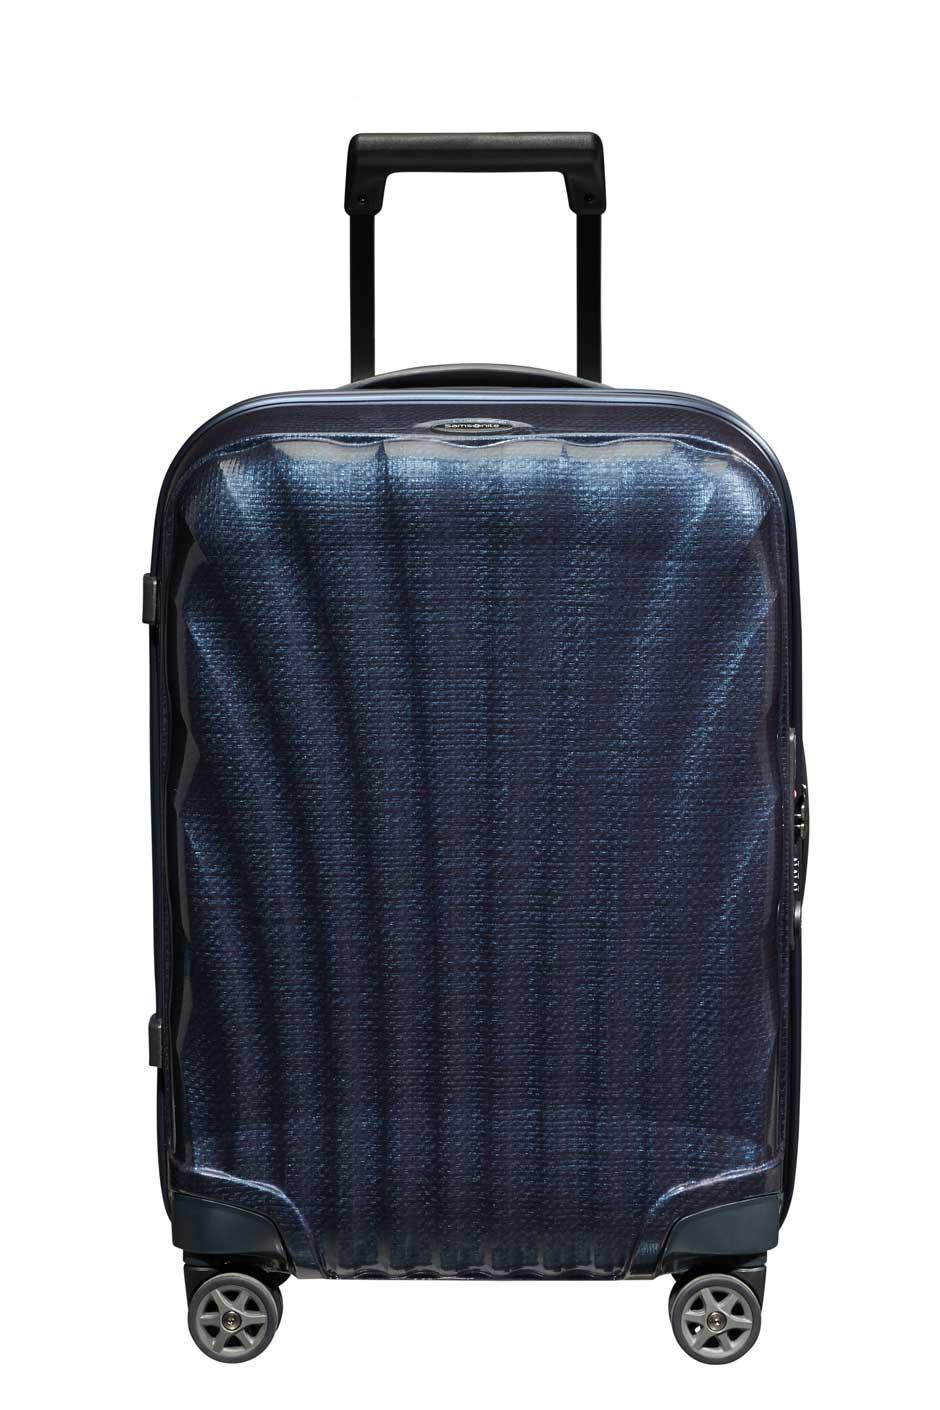 El regreso de la maleta C-Lite de Samsonite | Tu Gran Viaje